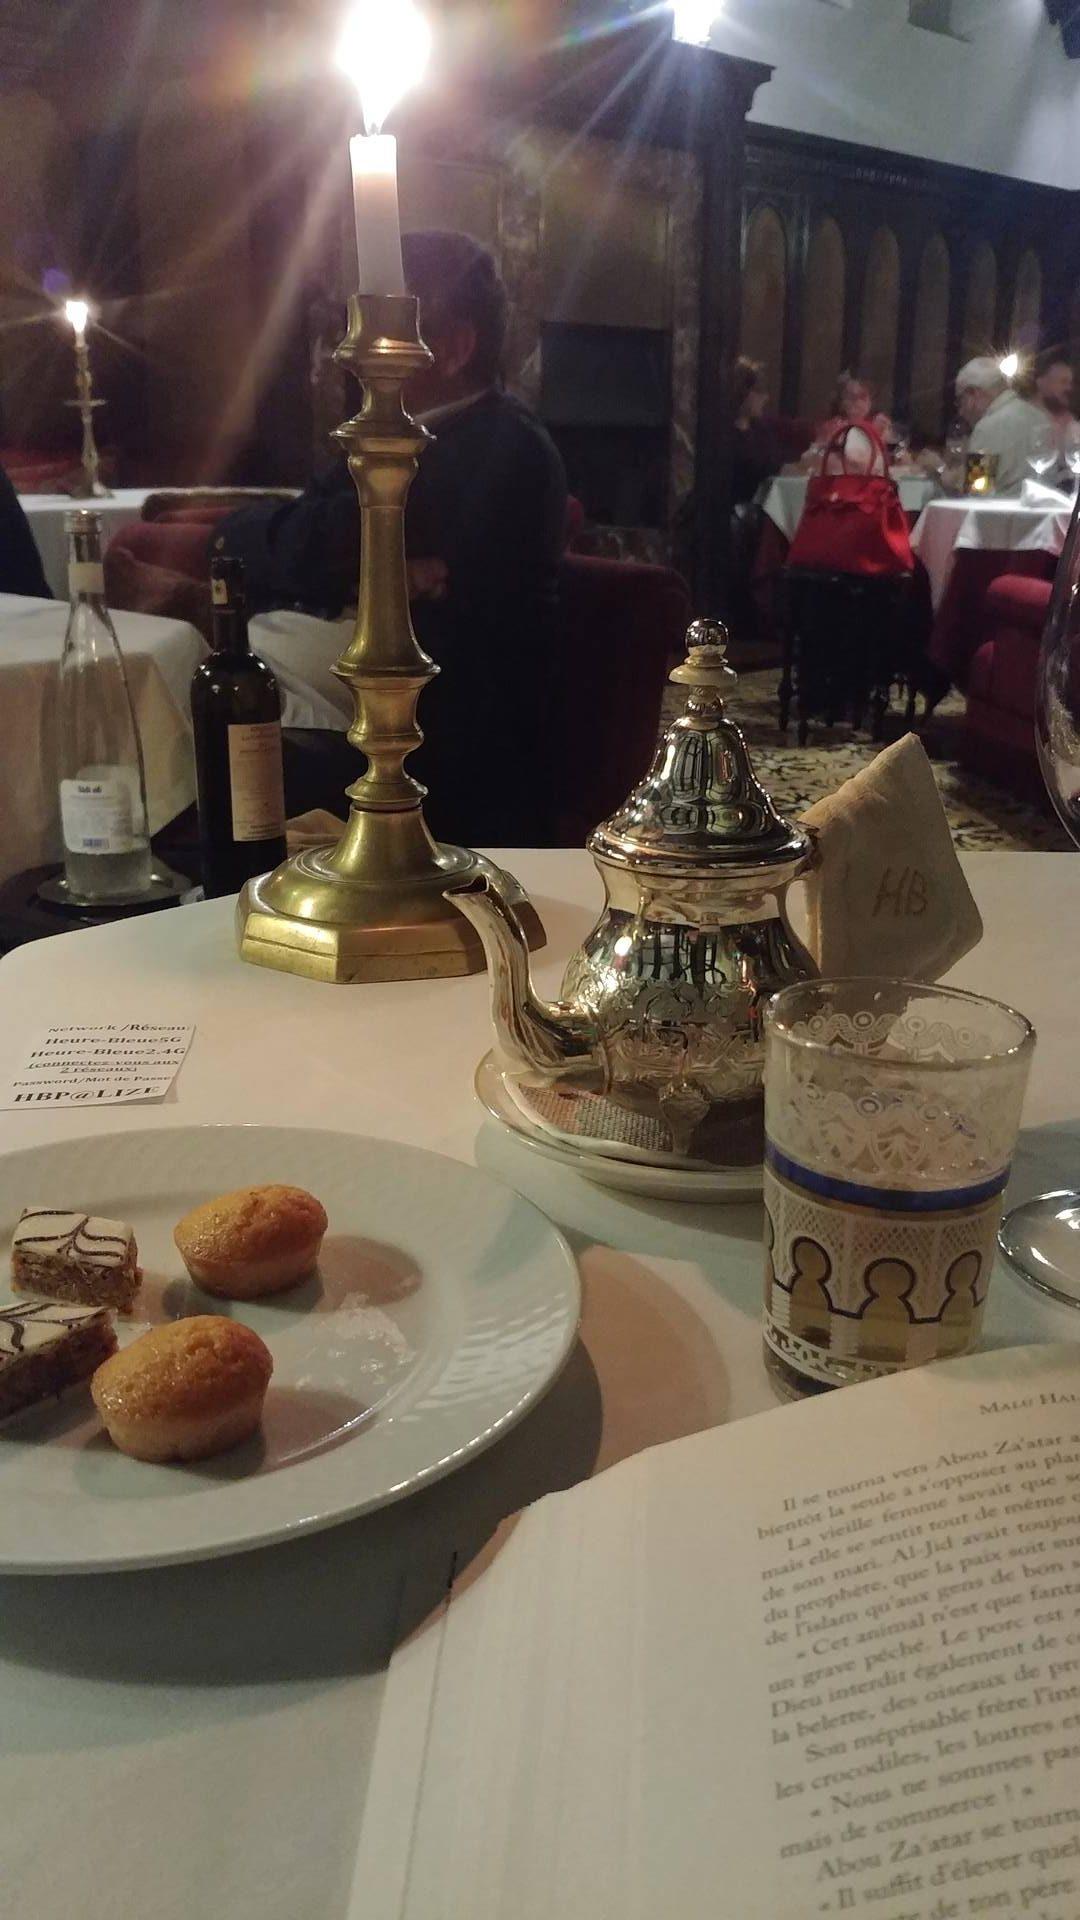 Maroc - Thé à la menthe à l'Heure Bleue